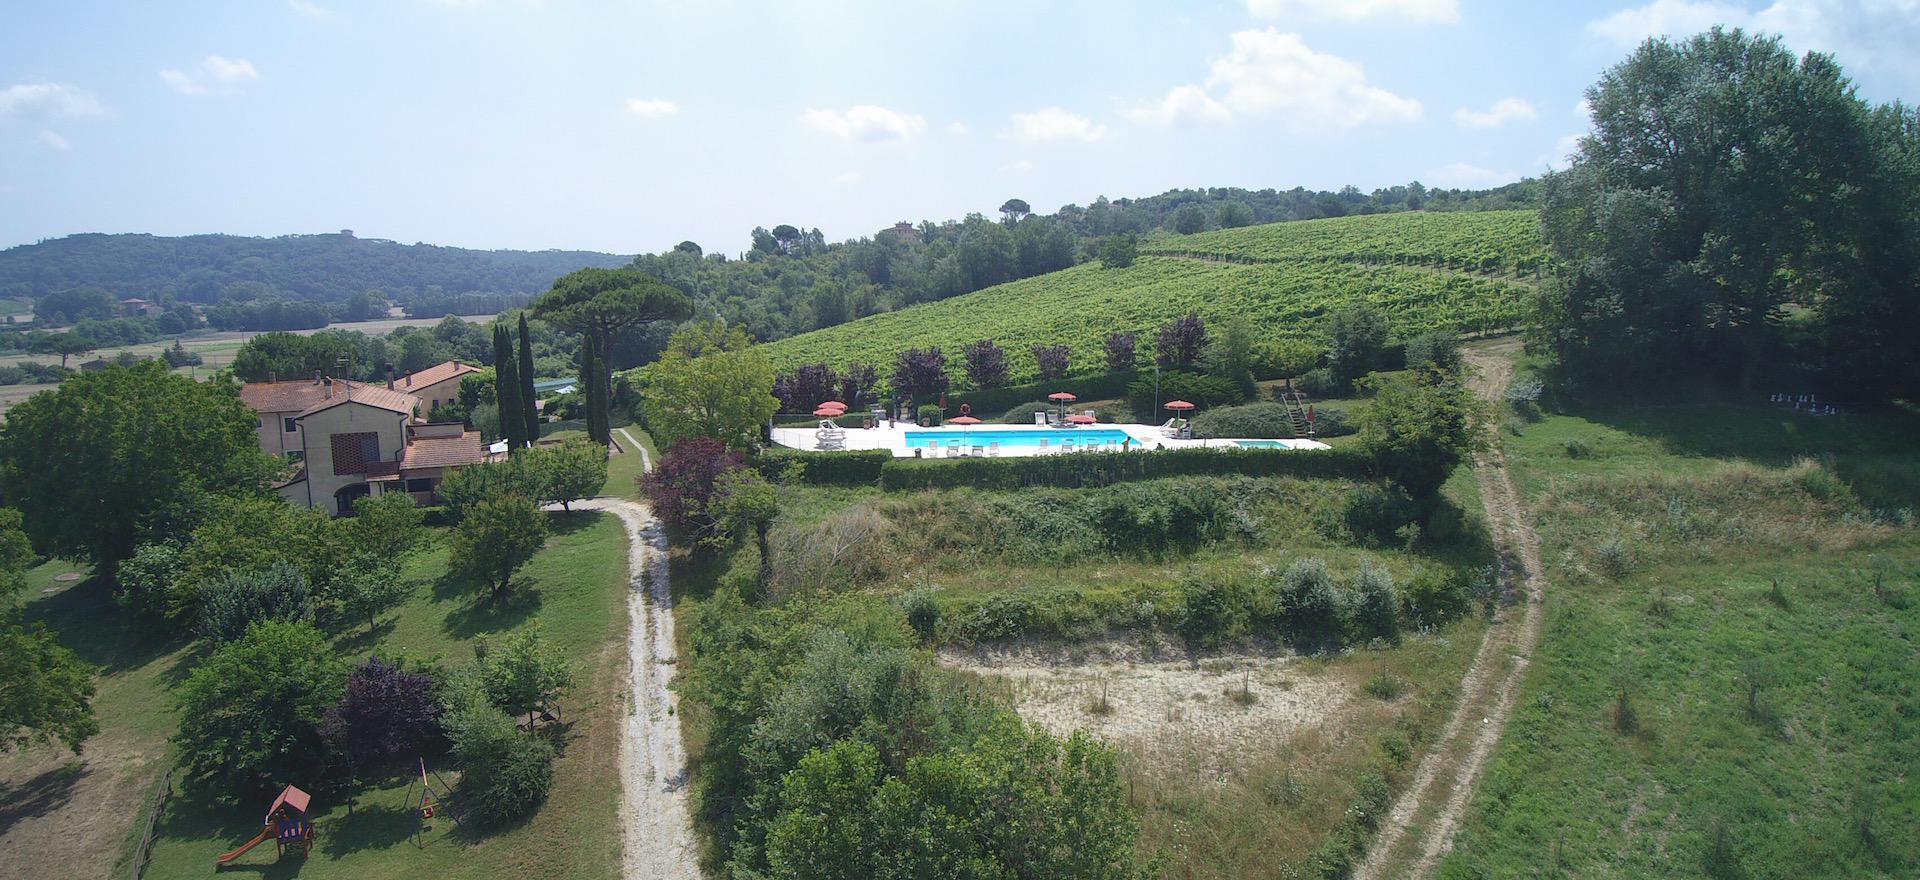 Familie agriturismo met groot zwembad en peuterbadje